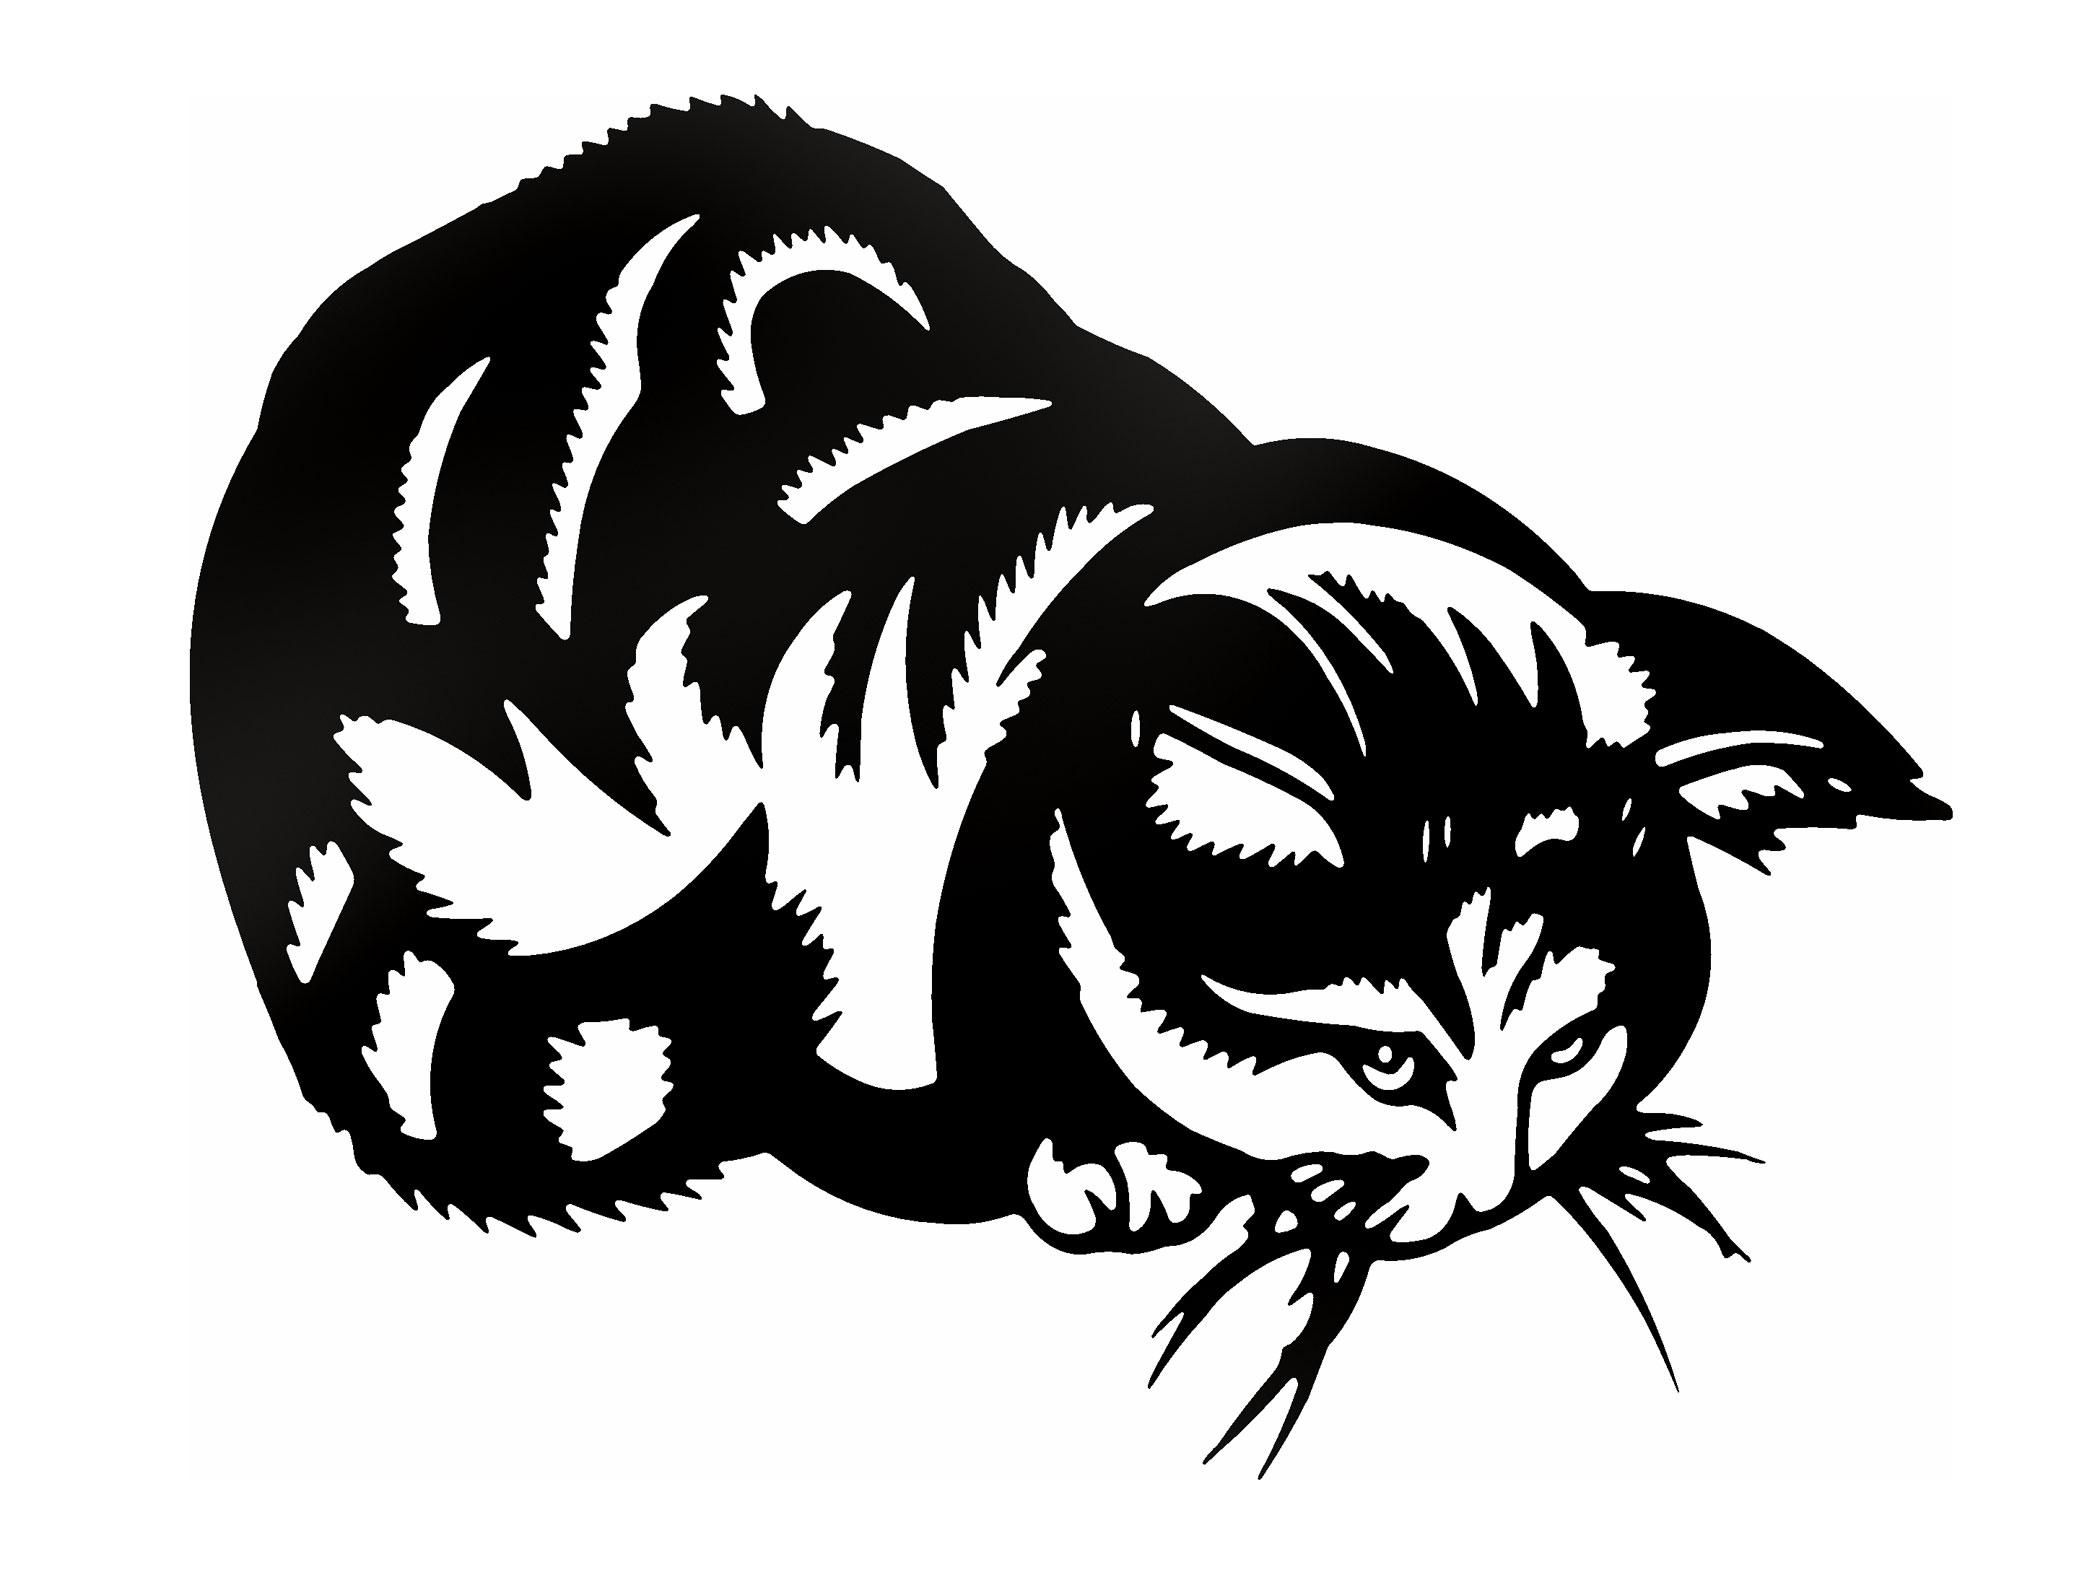 Cats Cat Kittens Sticker Sticker XL